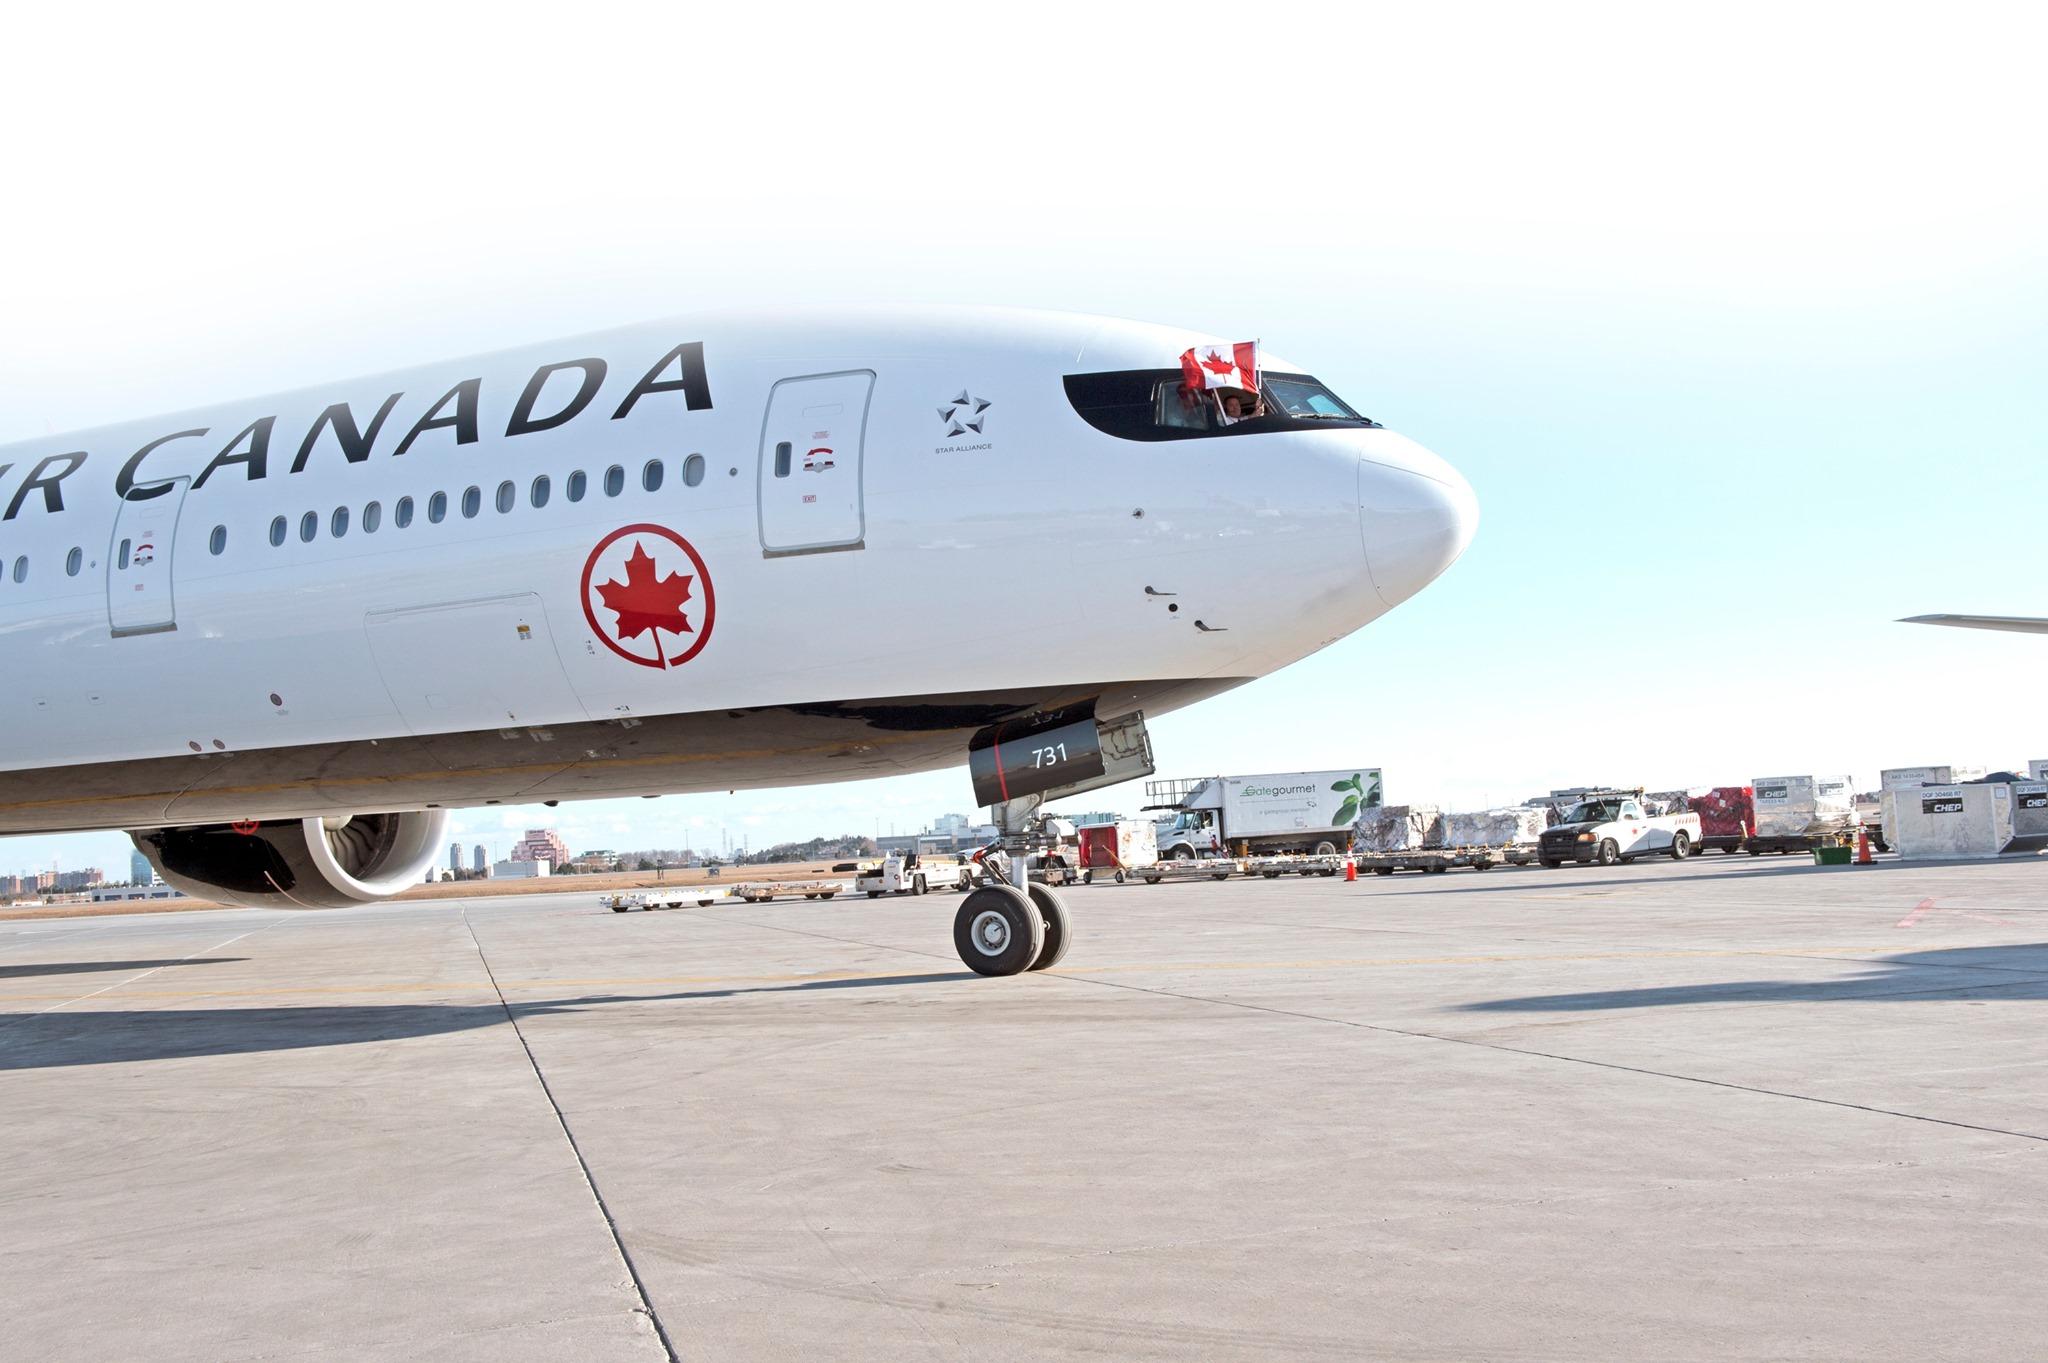 【咦?】加航被國際市場調查公司評為其中一家顧客體驗最差劣之航空公司 - Toronto What's UP